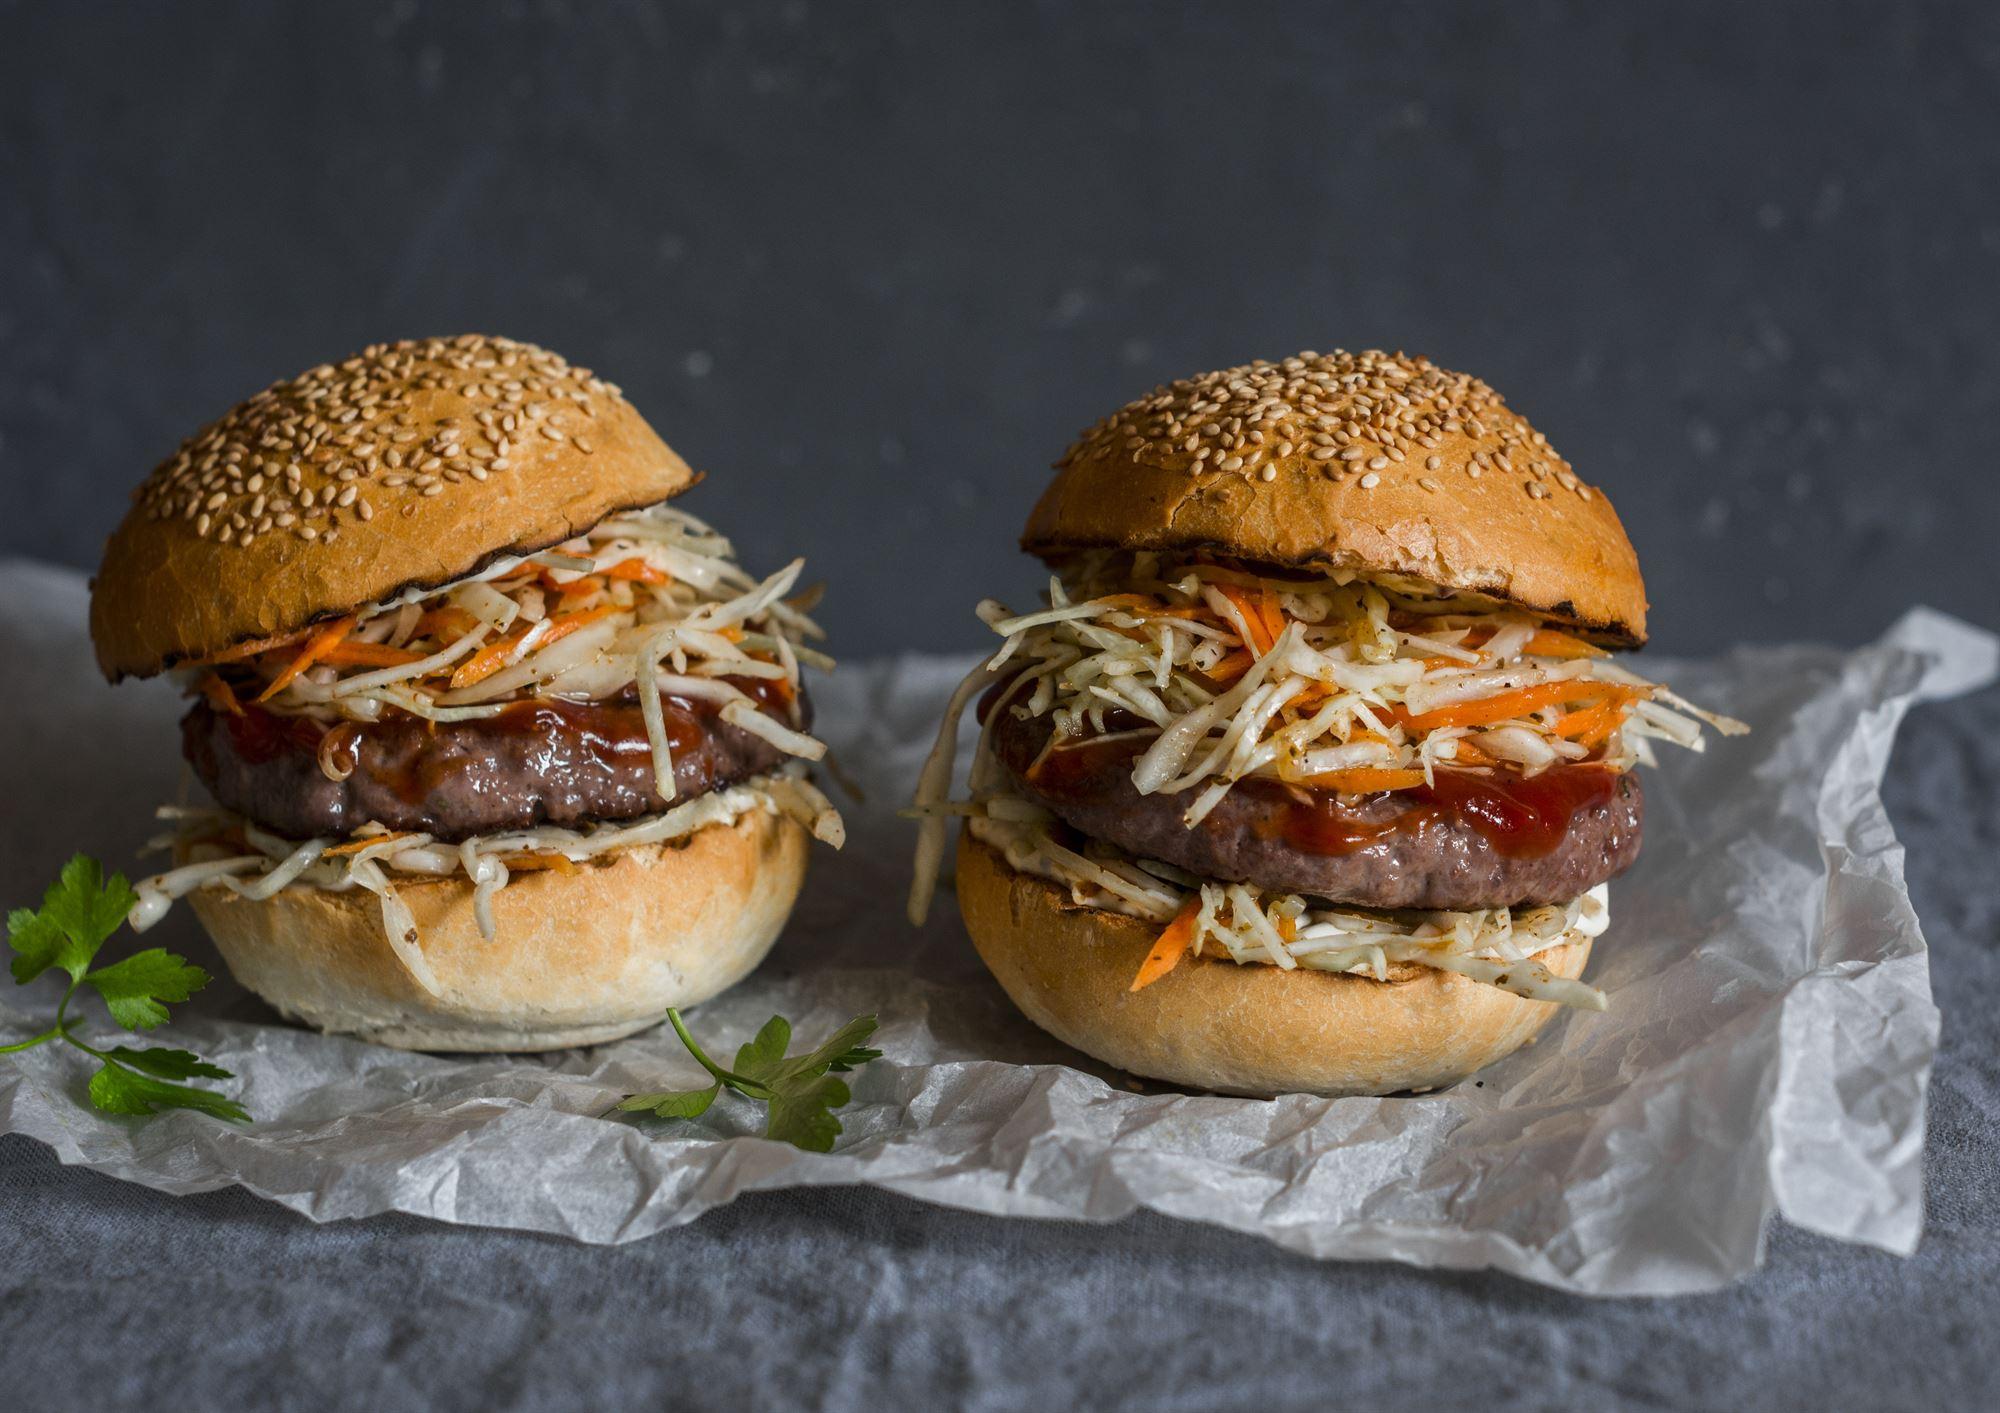 Thai burgere